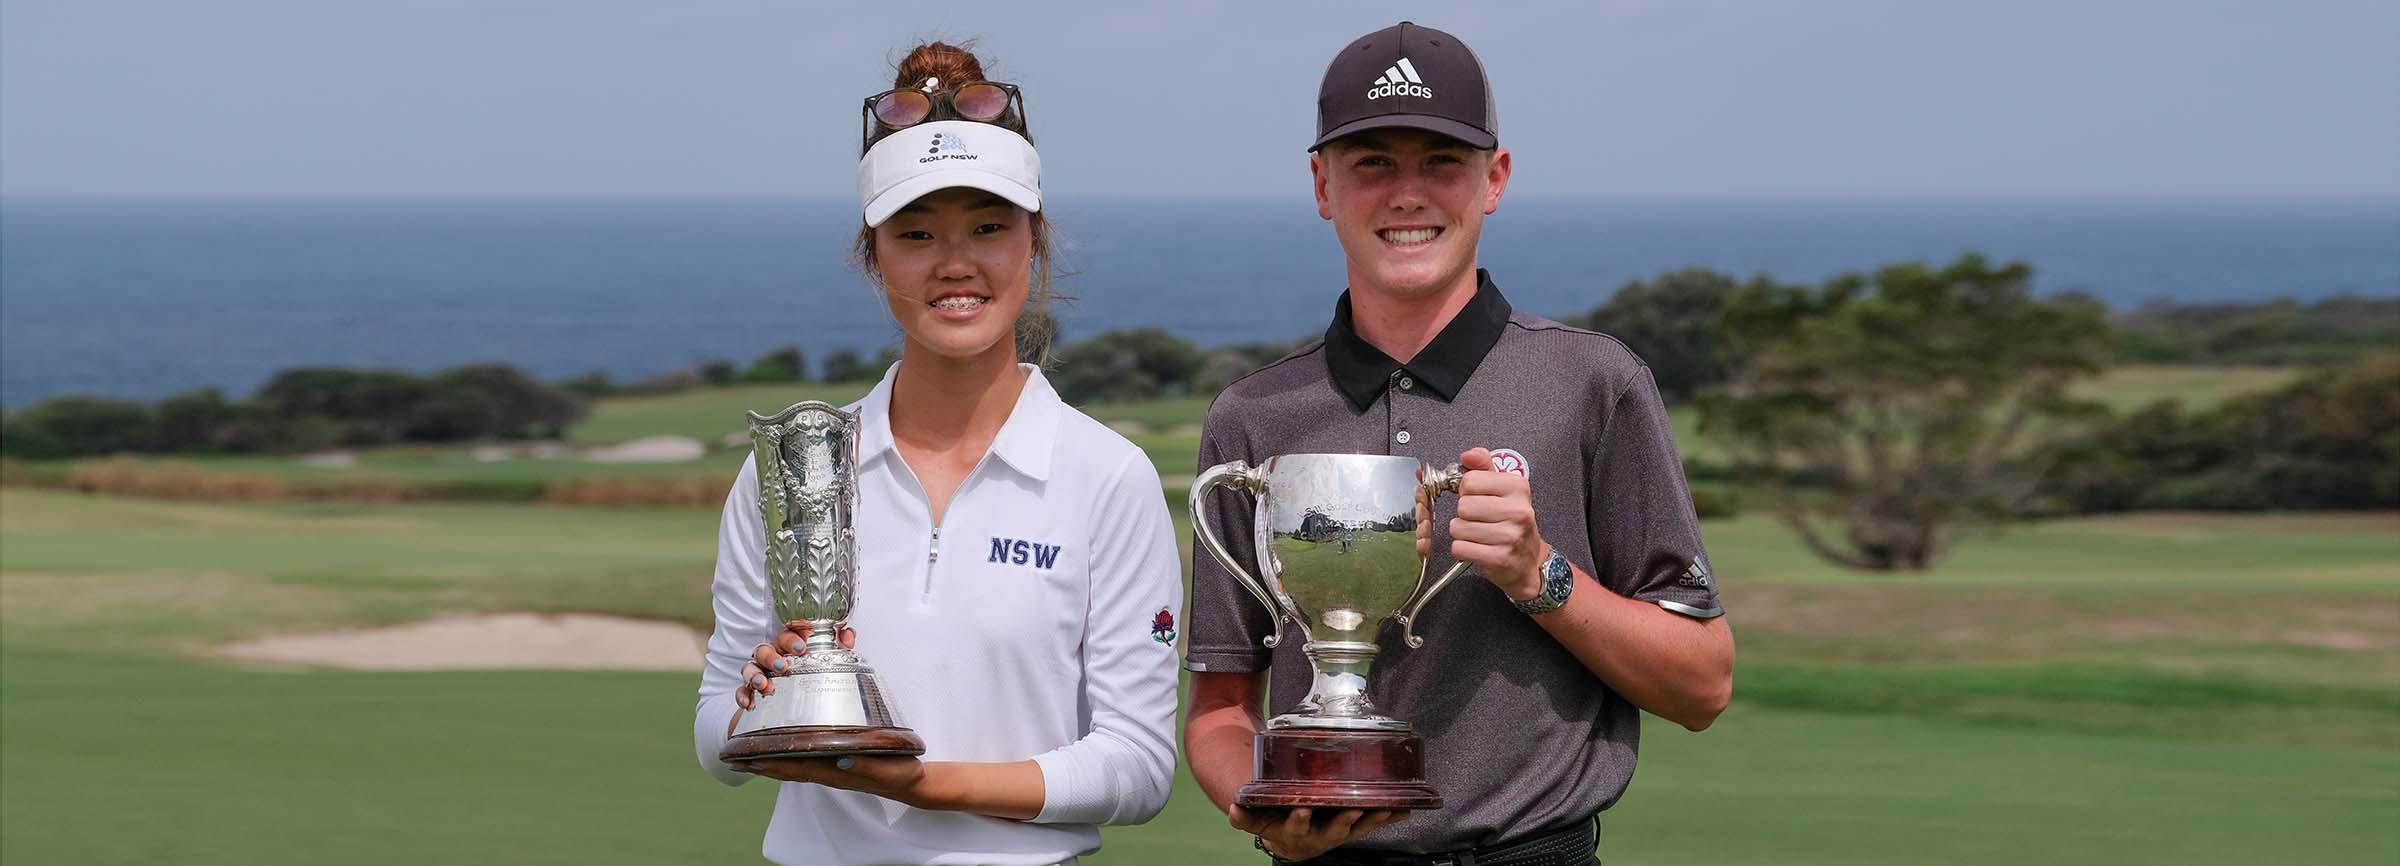 Grace Kim and Ben Schmidt - 202 NSW Amateur Champions